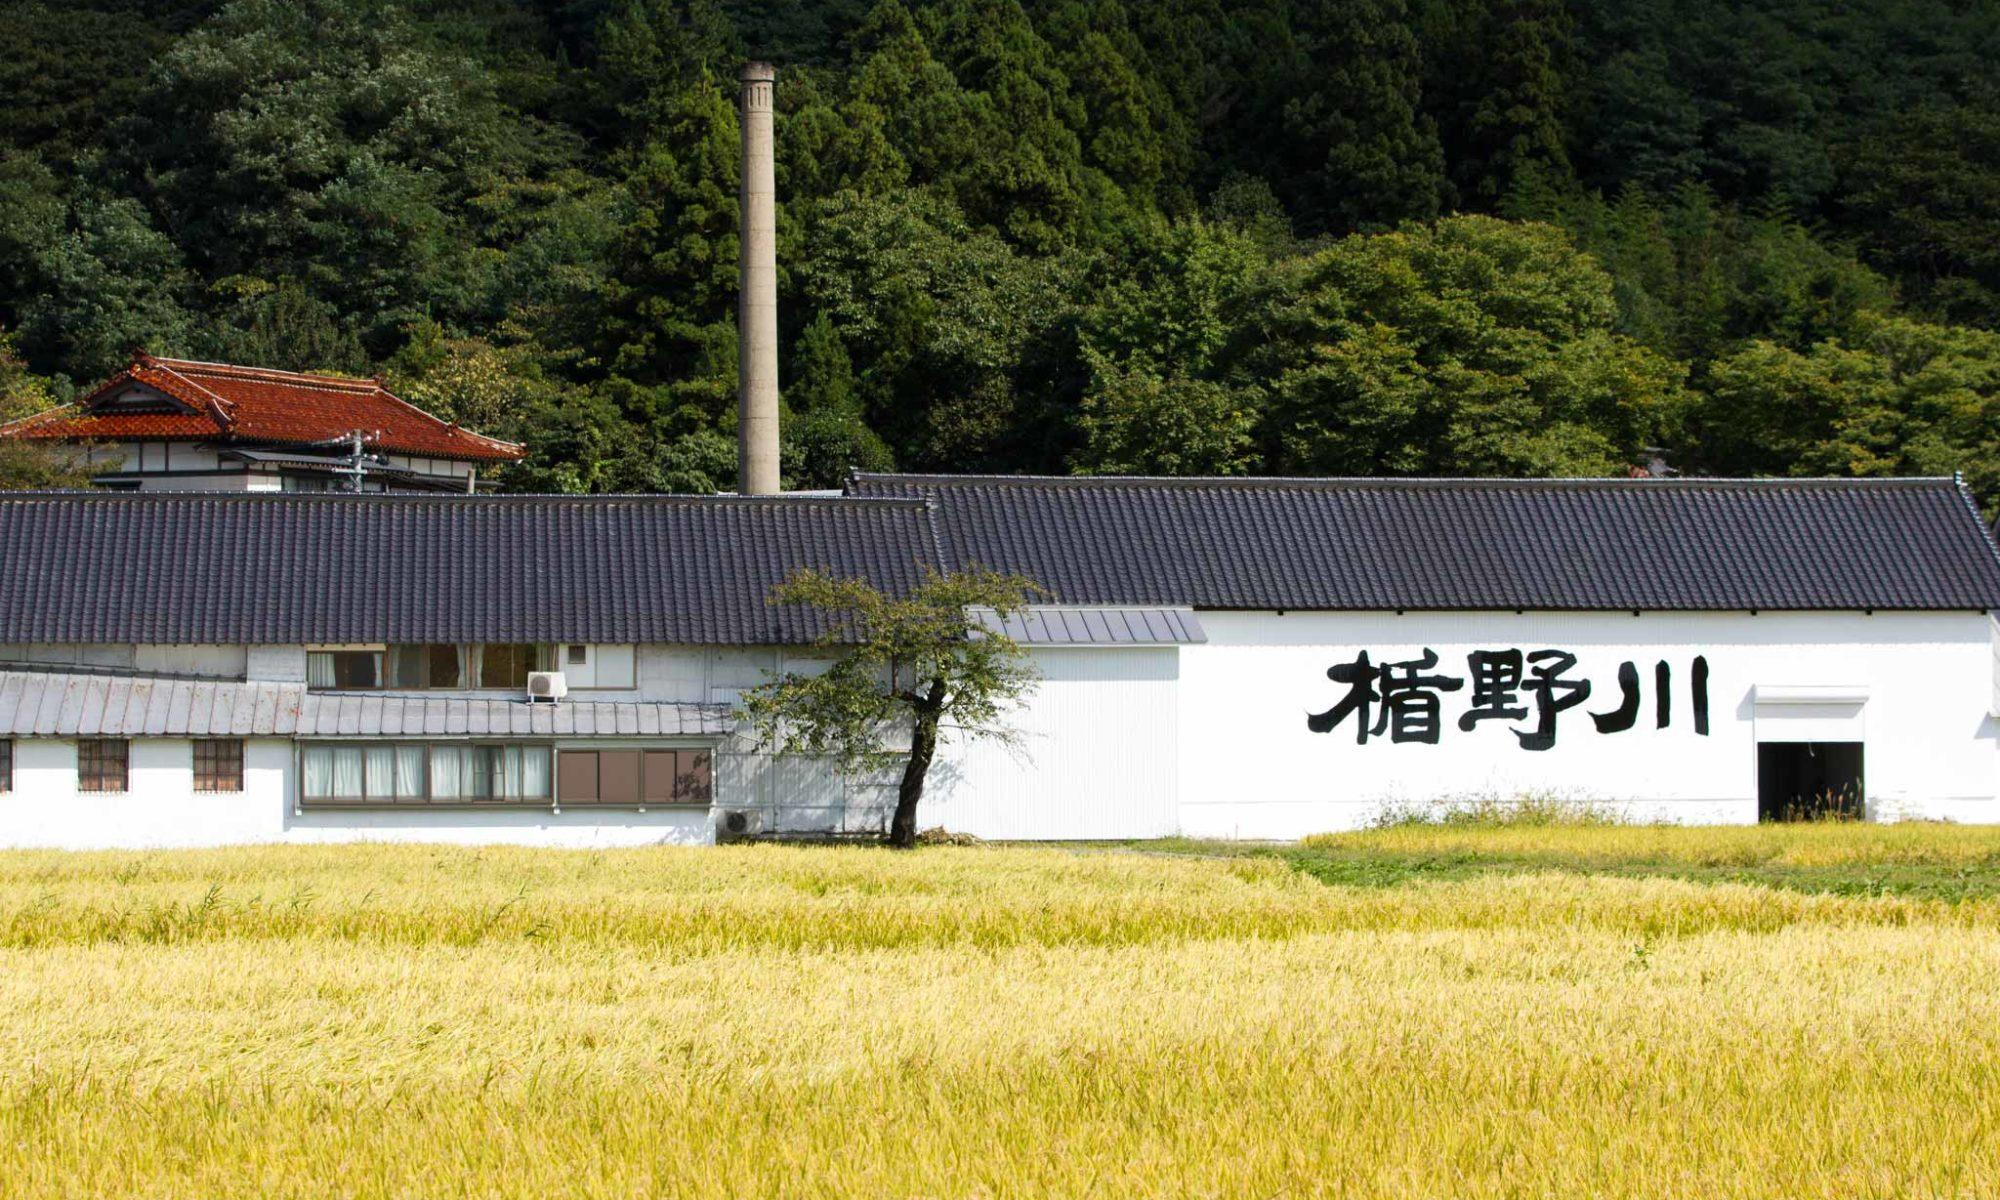 日本酒「楯野川」